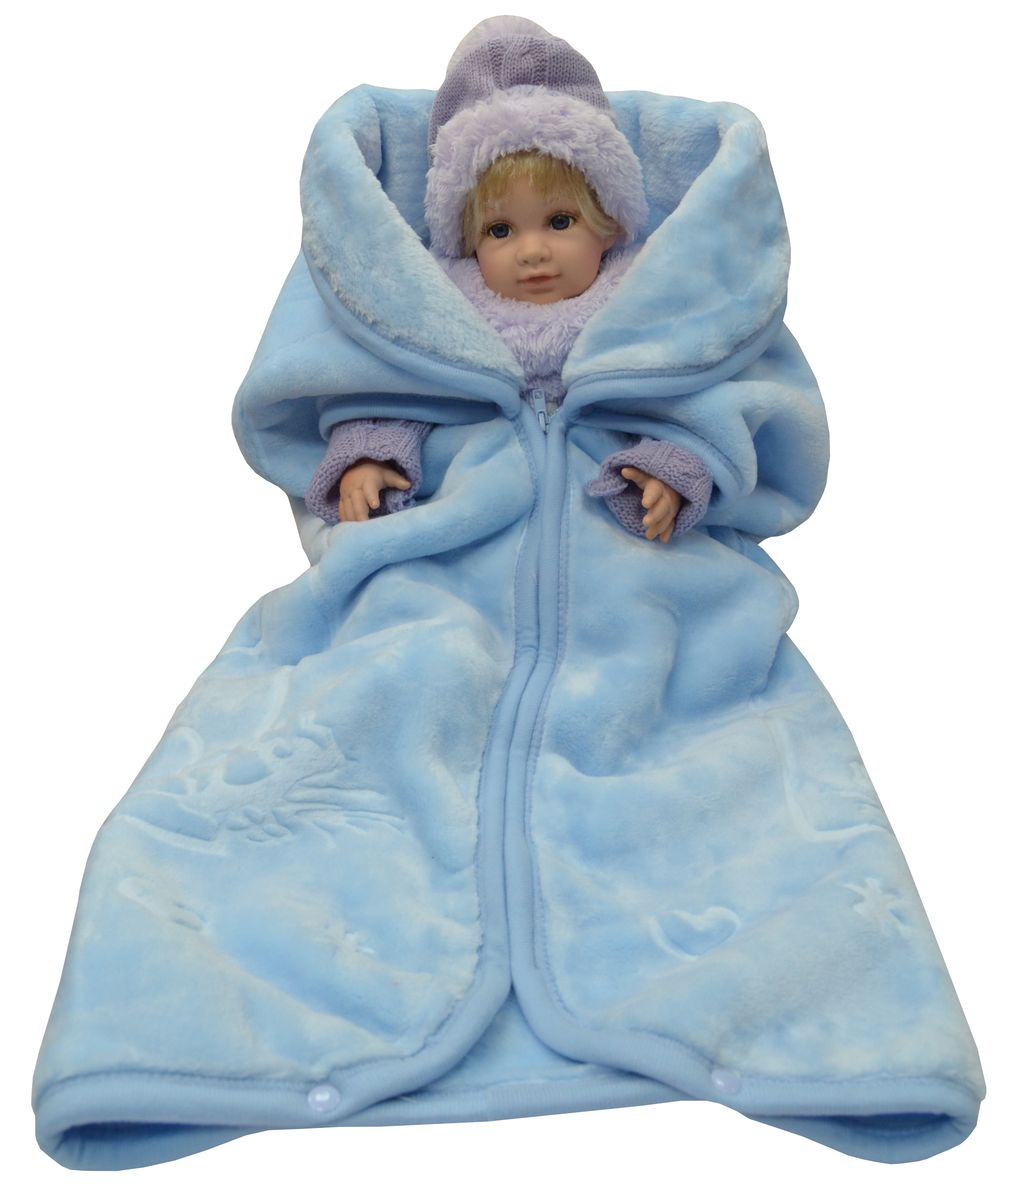 Bonne Fee Плед-накидка для младенцев на молнии, 80 х 90 см, цвет: голубойОНДК/200-голПлед-накидка для младенцев на молнии Bonne Fee - защита, тепло и комфорт для малышей - использован надёжный, качественный и мягкий материал! Удобство и спокойствие для родителей обеспечивается универсальностью пледа-накидки, конструкция которого позволяет ему легко превращаться в конвертик. Отличное качество и практичность! Любите своего ребёнка и дарите ему лучшее!